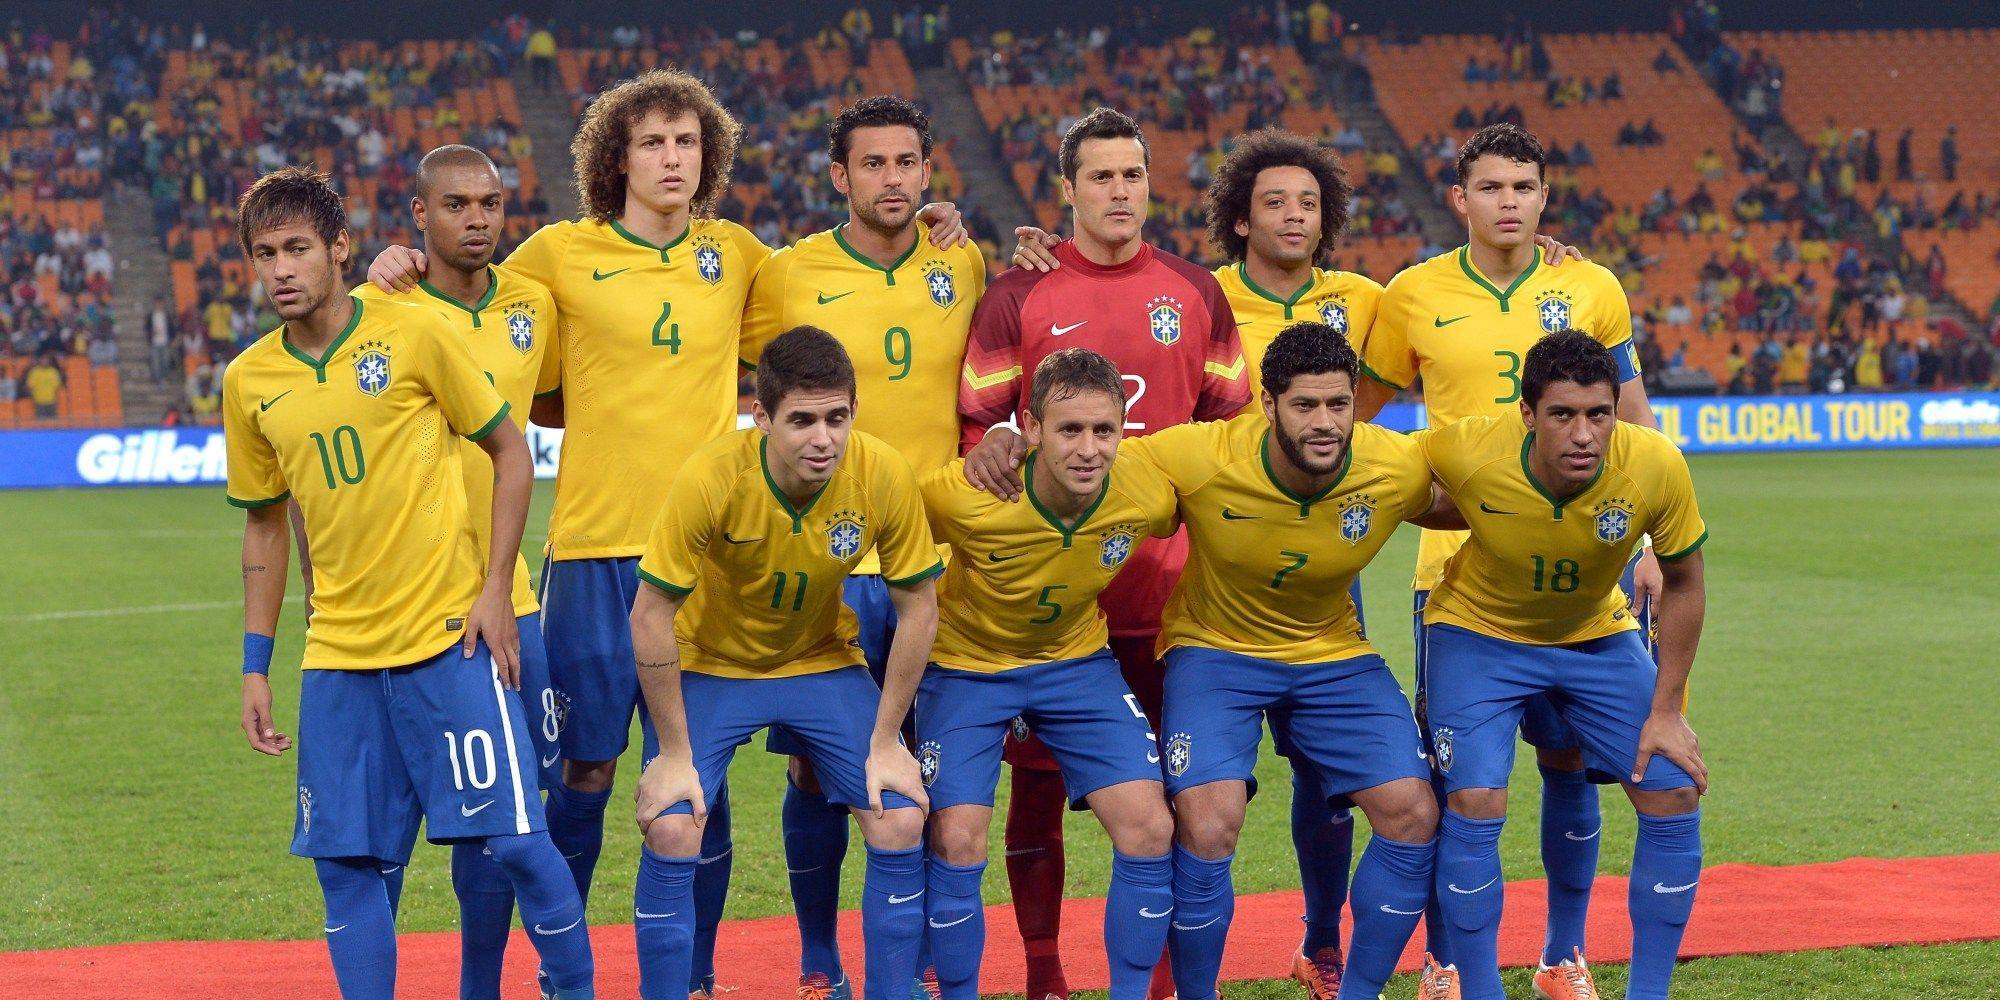 Brazil Soccer Team Wallpaper: Brazil Team 2018 Wallpapers